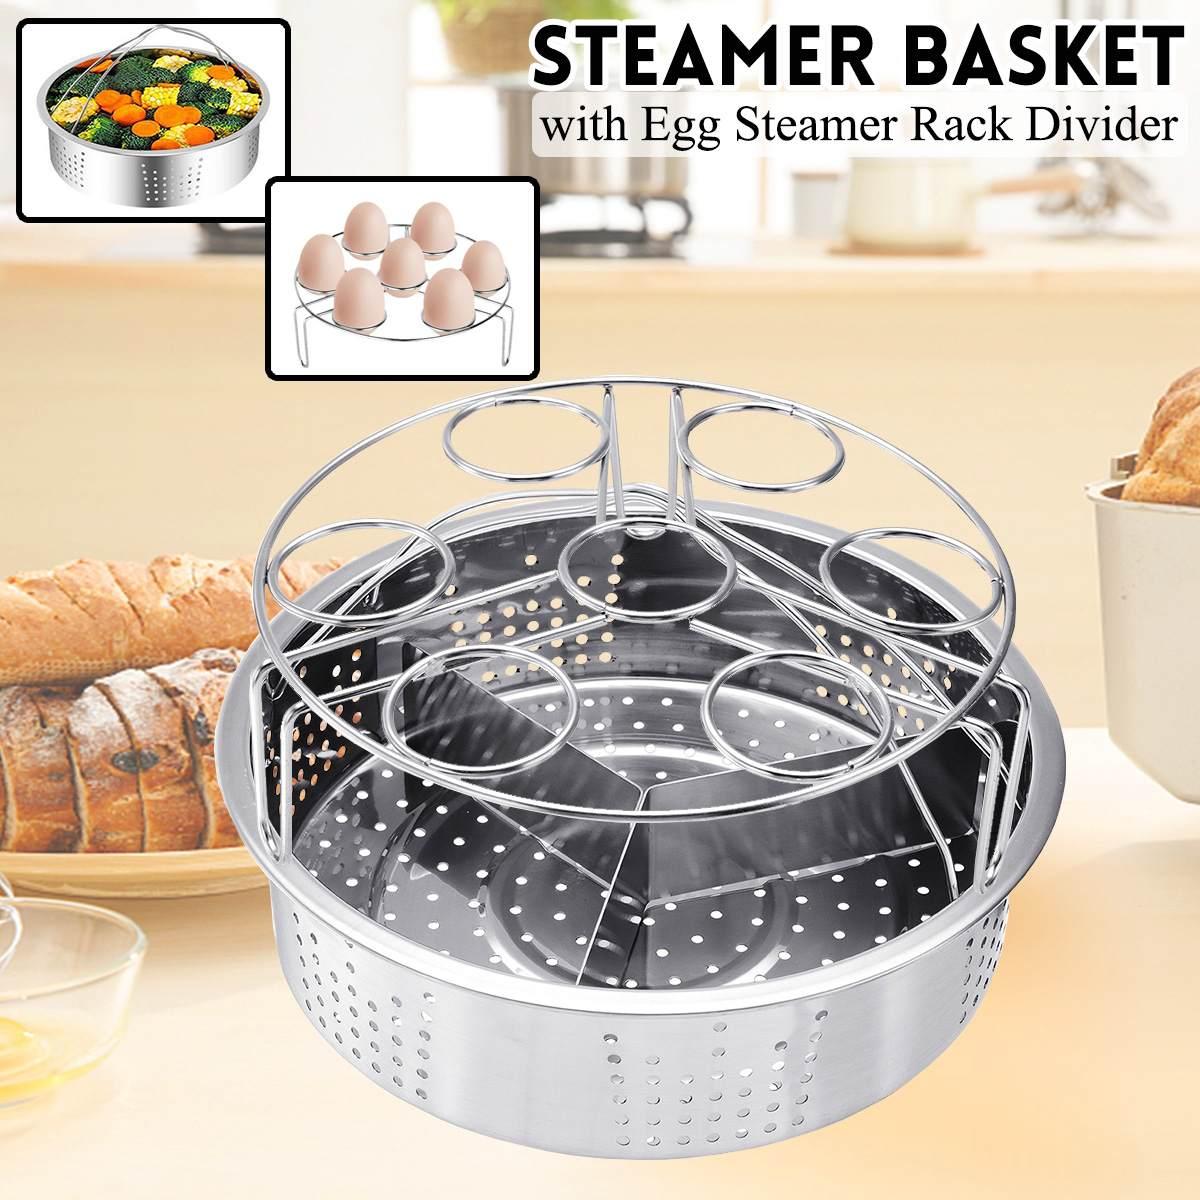 Steamer Basket With Egg Steamer Rack Divider Trivet Accessories For Instant Pot